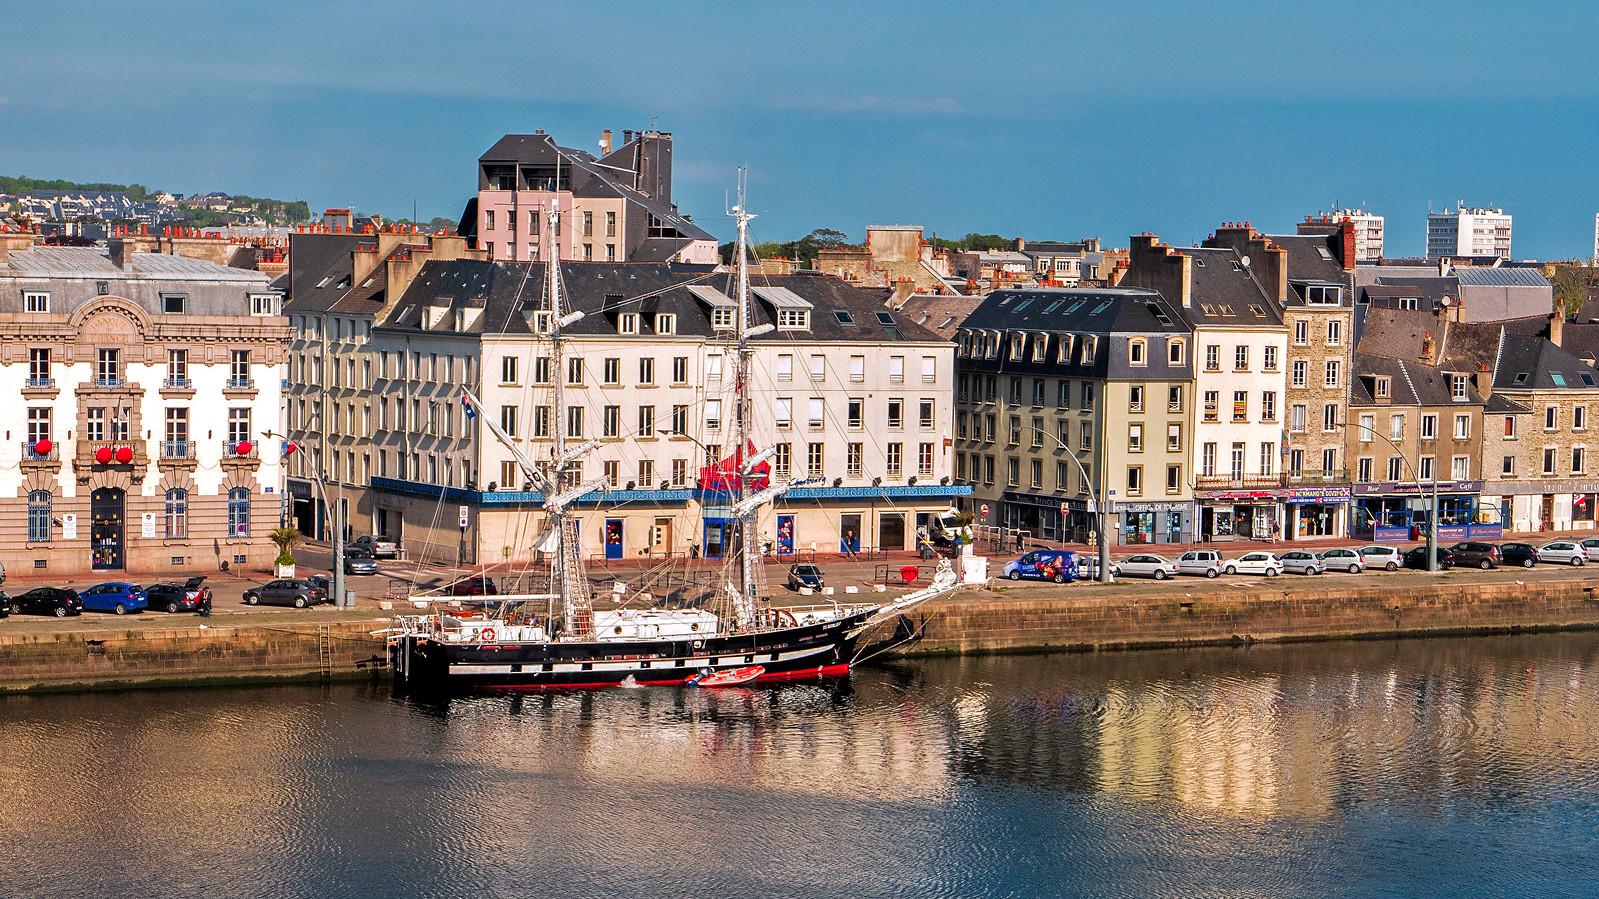 P1080942 - Petit port de Cherbourg France